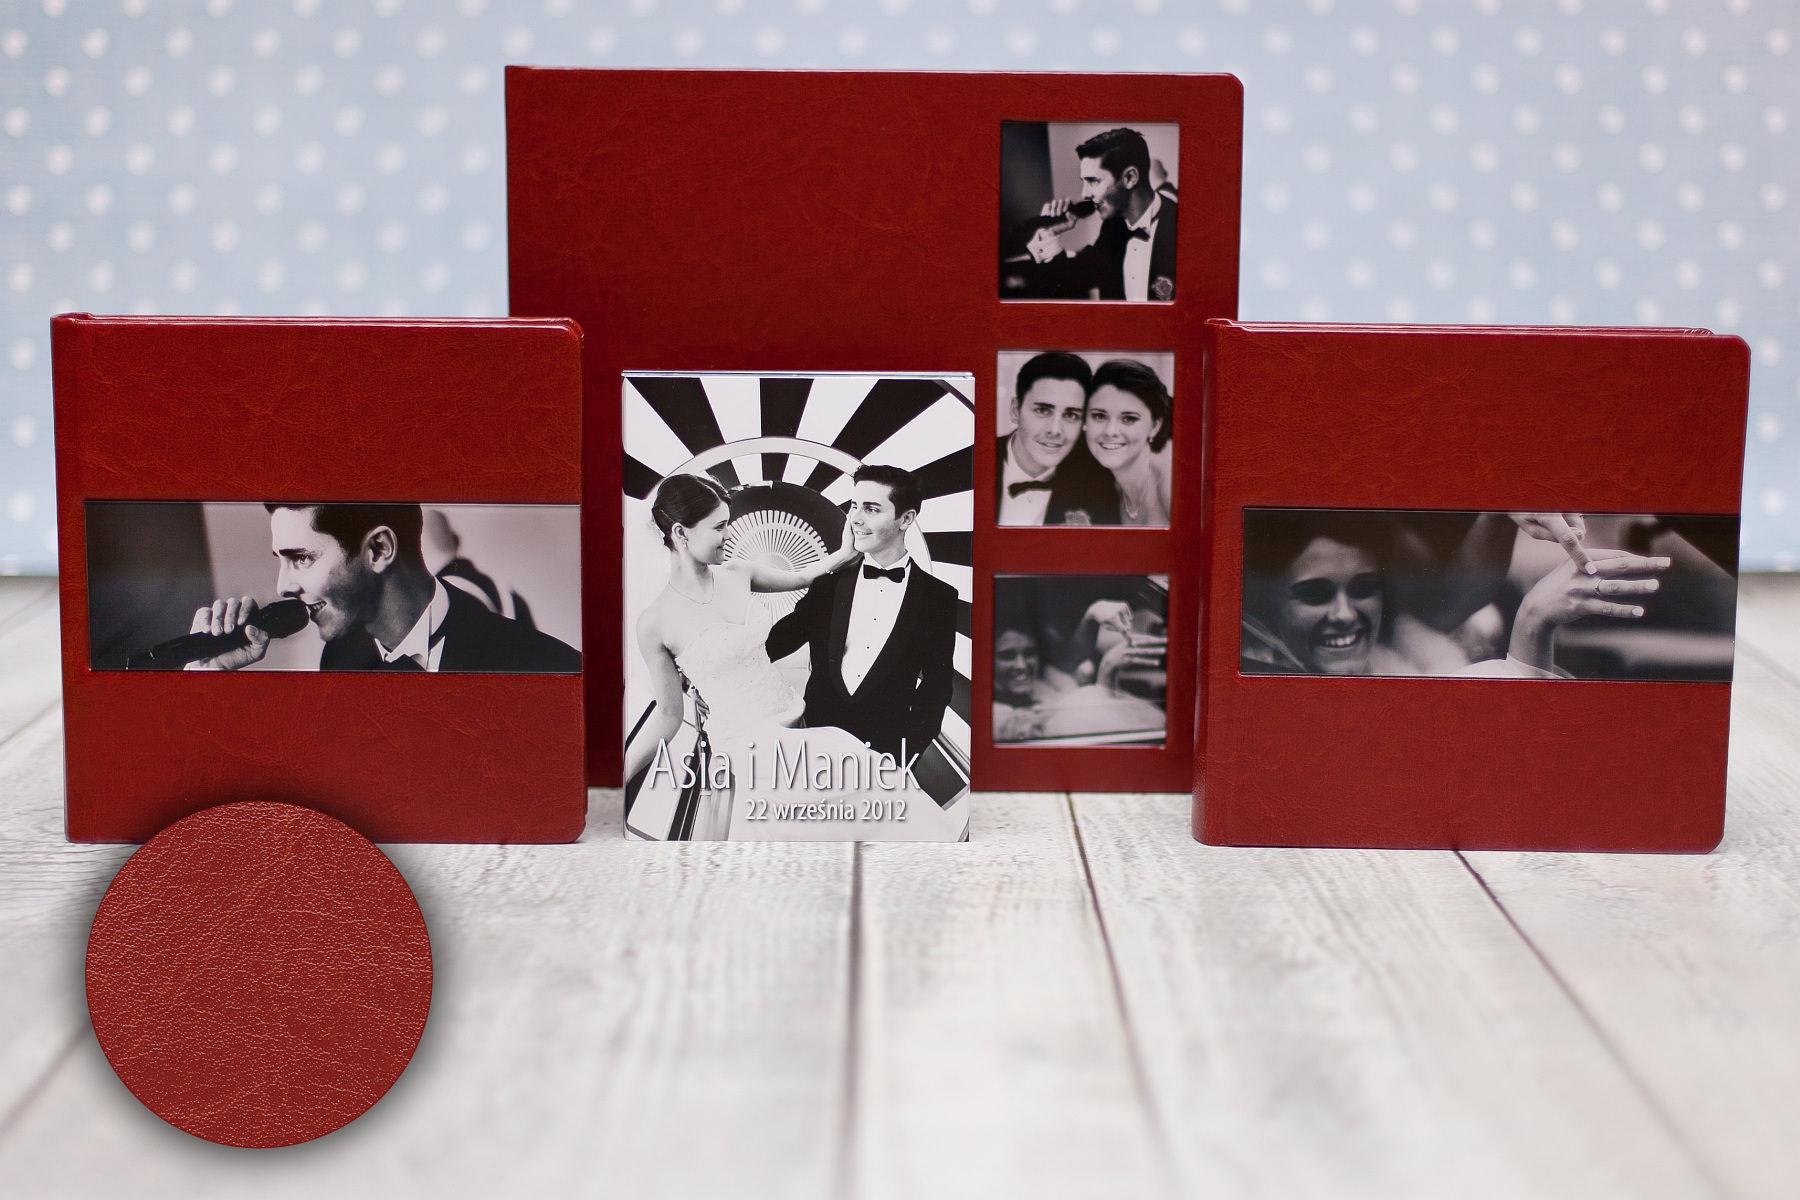 Fotoksiążka 30×30 (3 okna) + 2 albumy 20×20, okna akryl, płyty DVD i etui. Asia & Maniek.